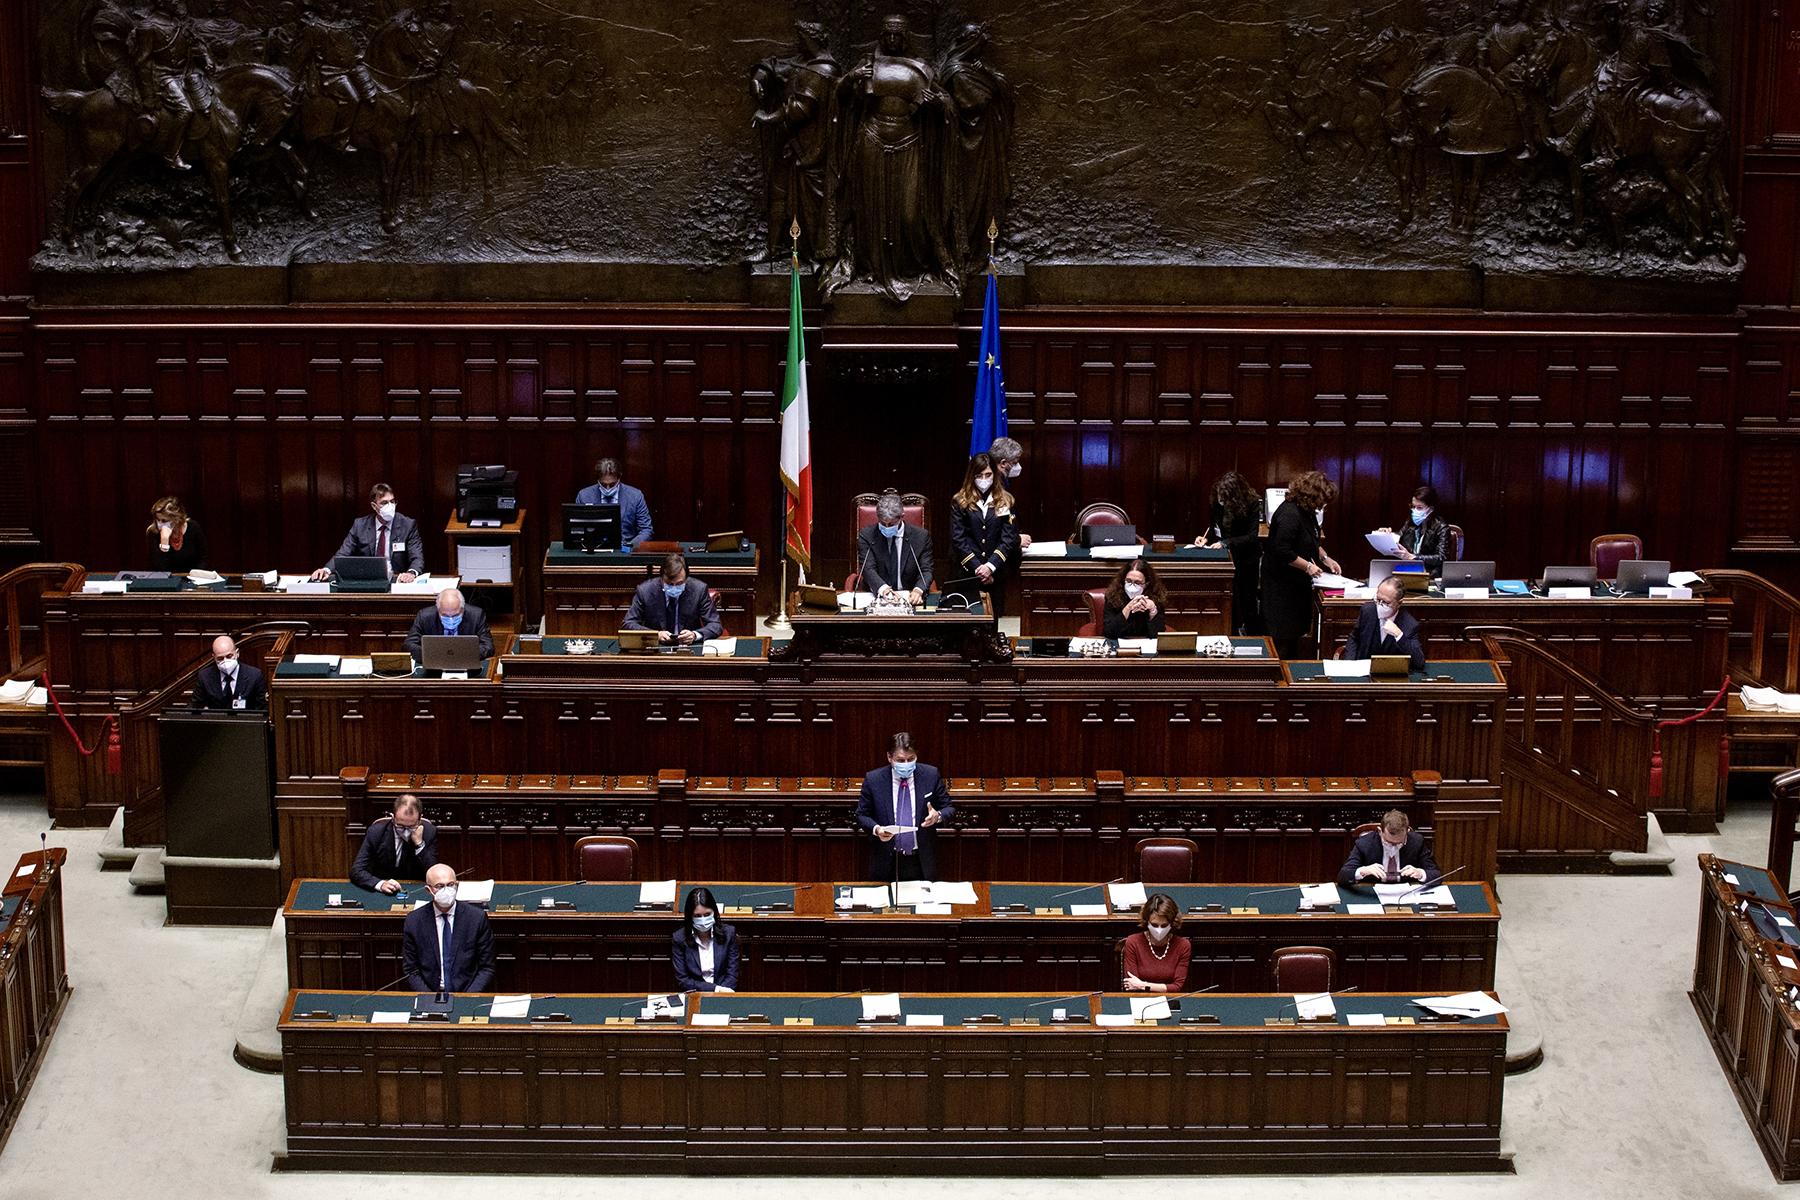 Totoministri governo Draghi: nomi in lizza per i ministeri al 9 febbraio